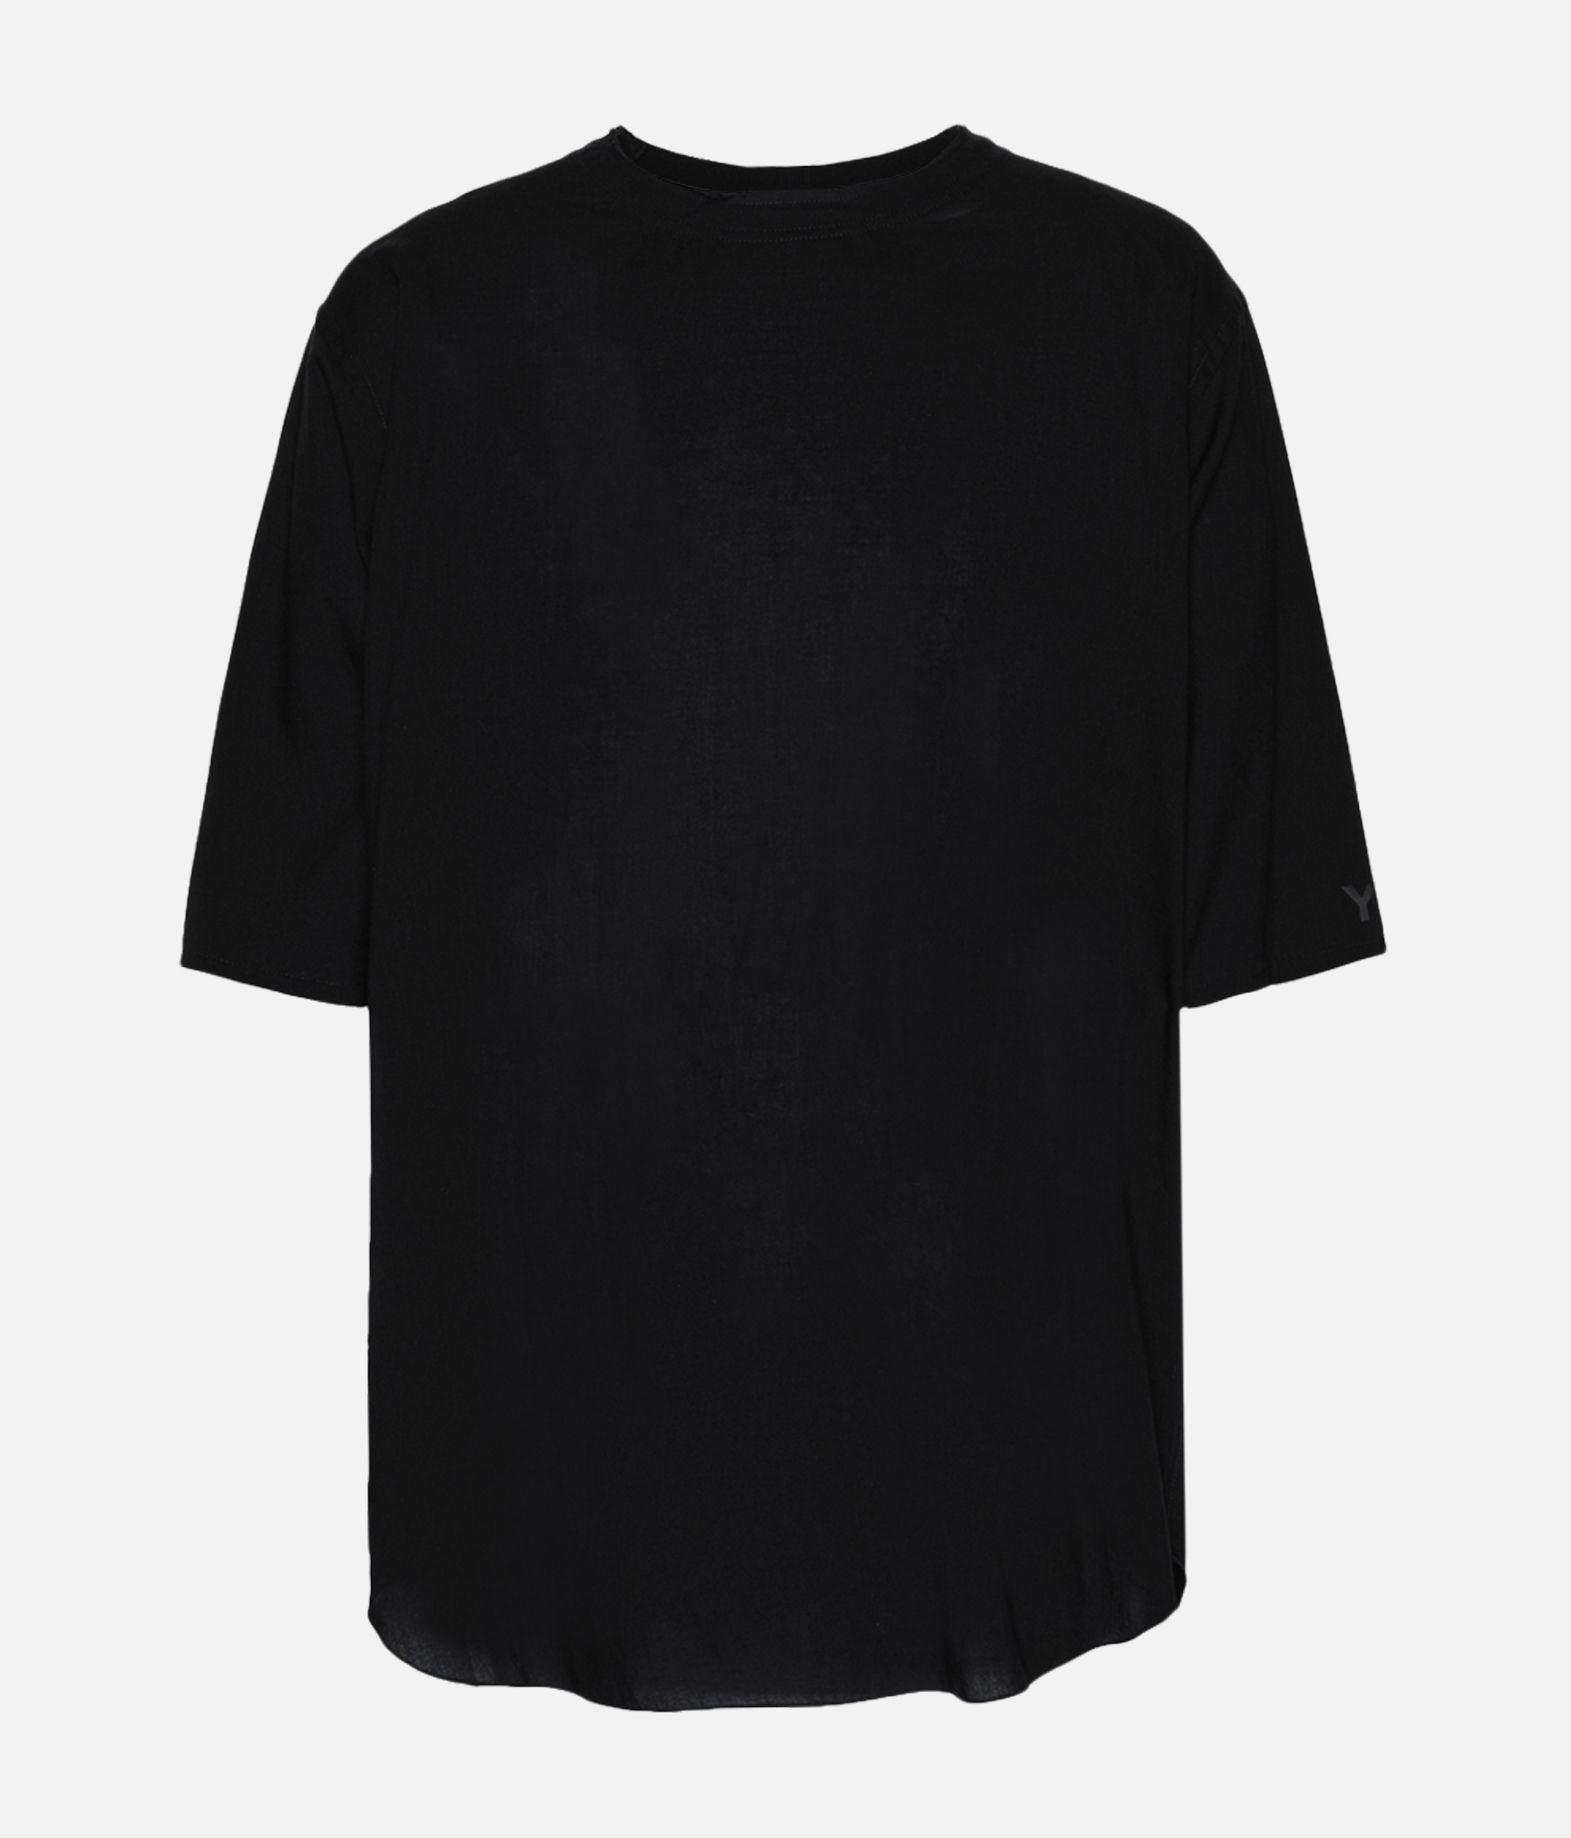 Y-3 Y-3 Long Tee  T-shirt maniche corte Uomo f